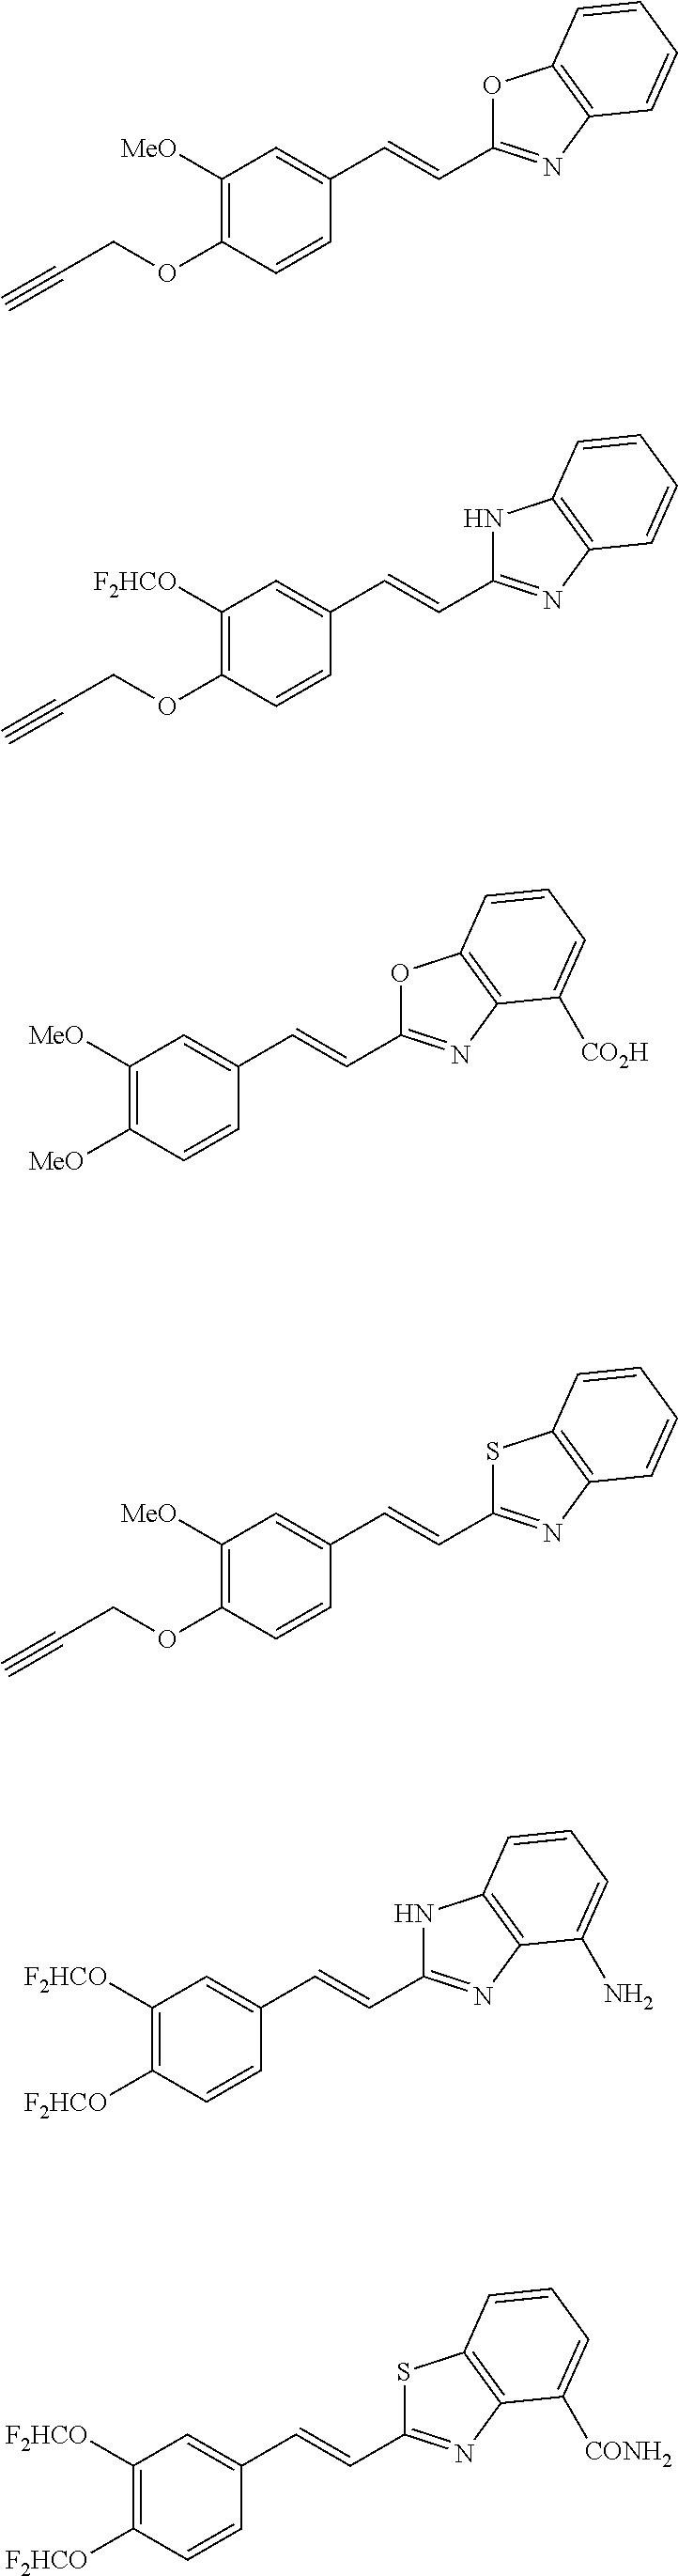 Figure US09951087-20180424-C00029